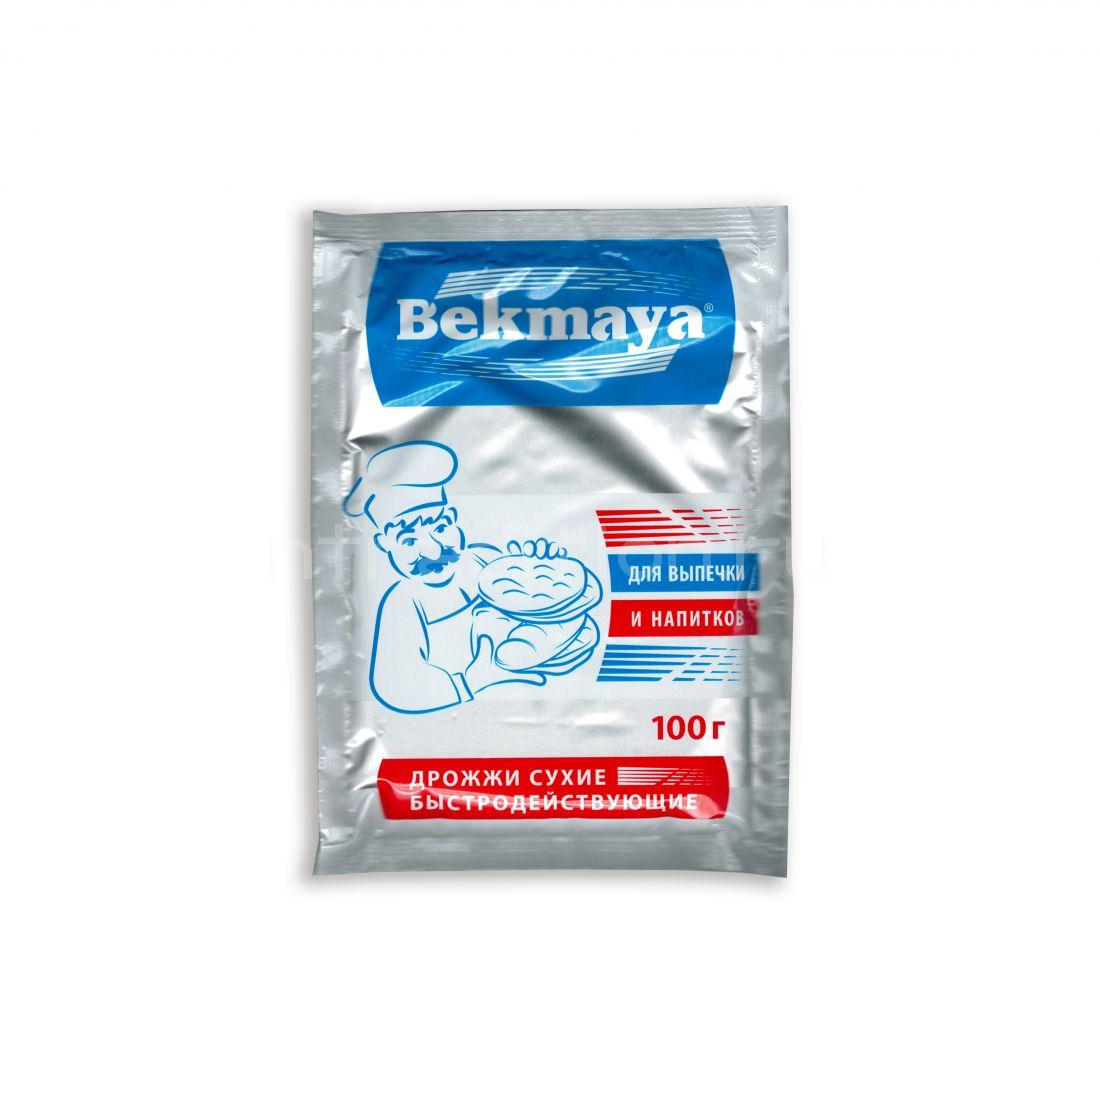 Дрожжи Бекмая (Bekmaya) 100 гр